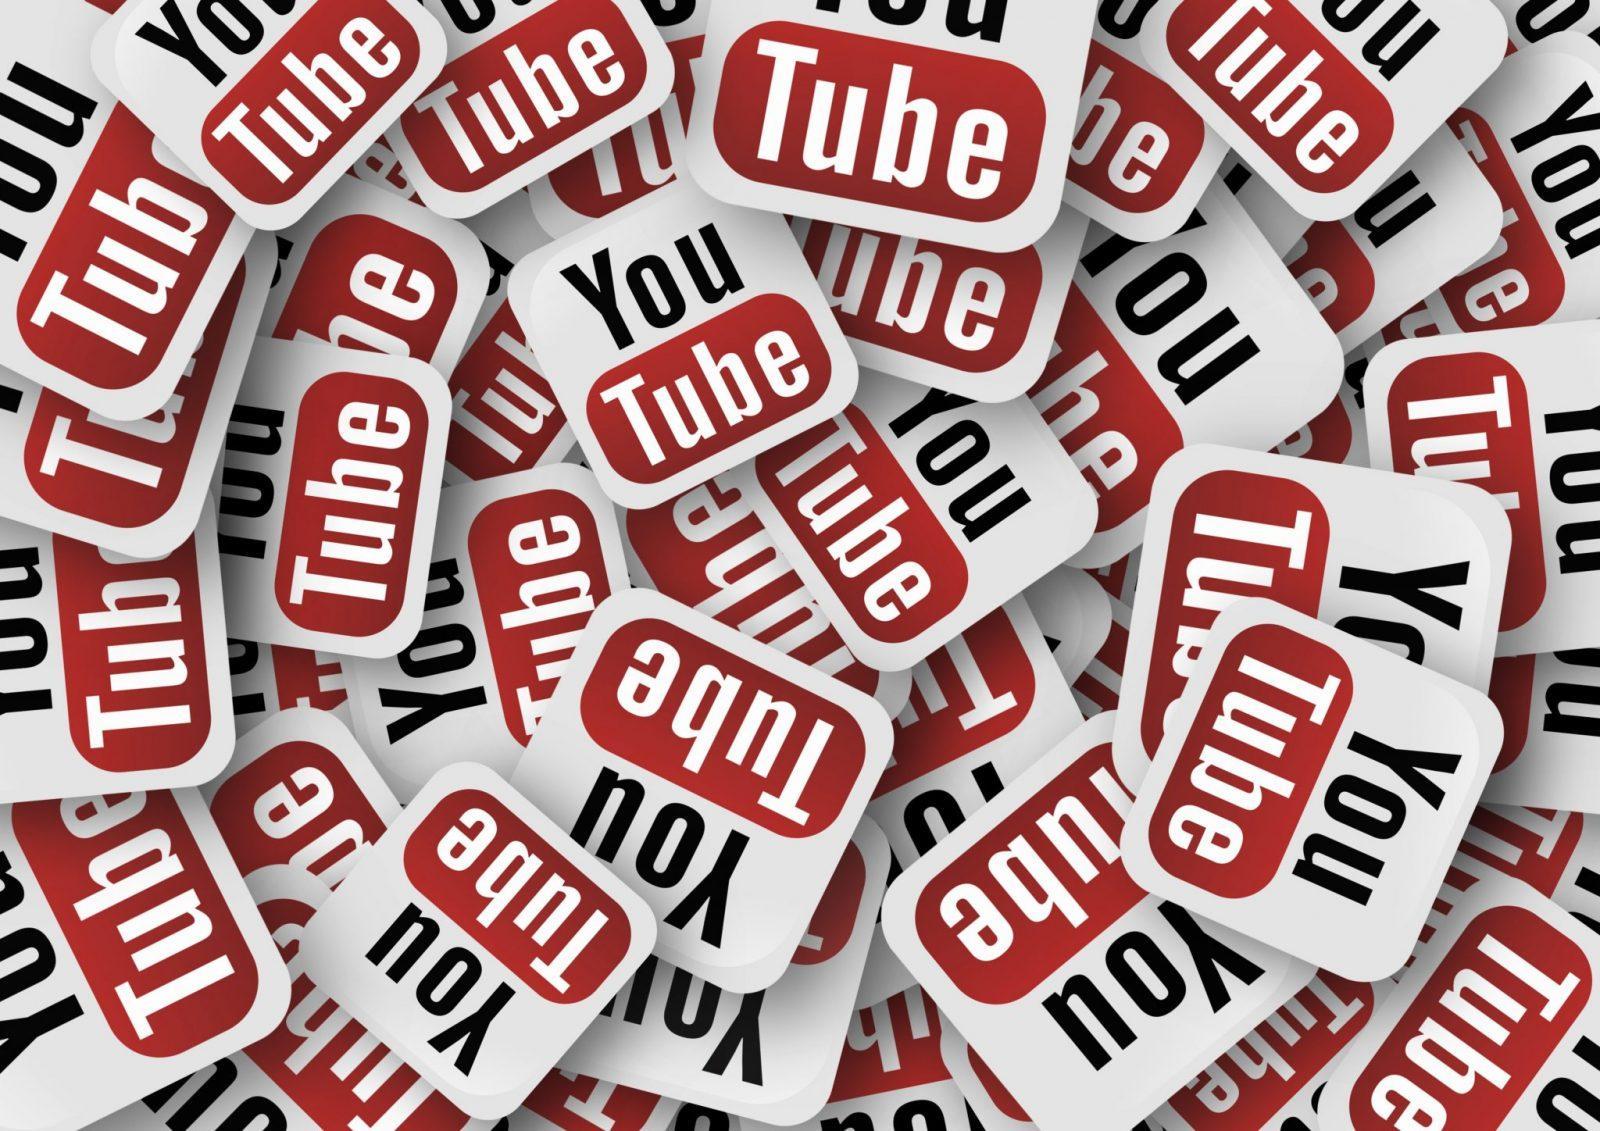 estrategias seo para youtube